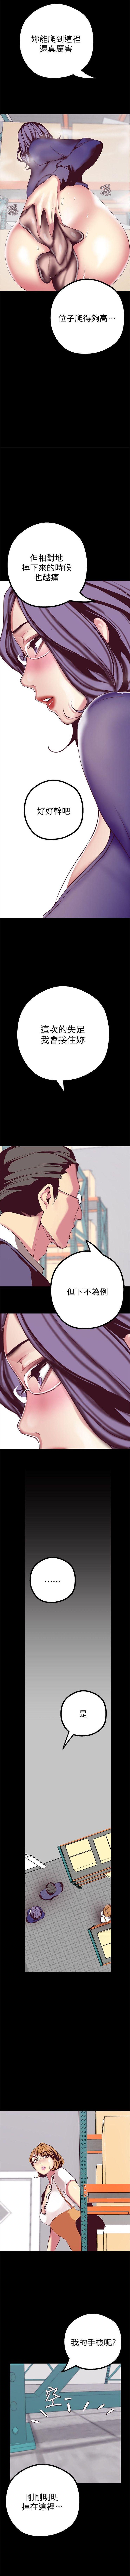 (週1)美麗新世界 1-70 中文翻譯 (更新中) 163